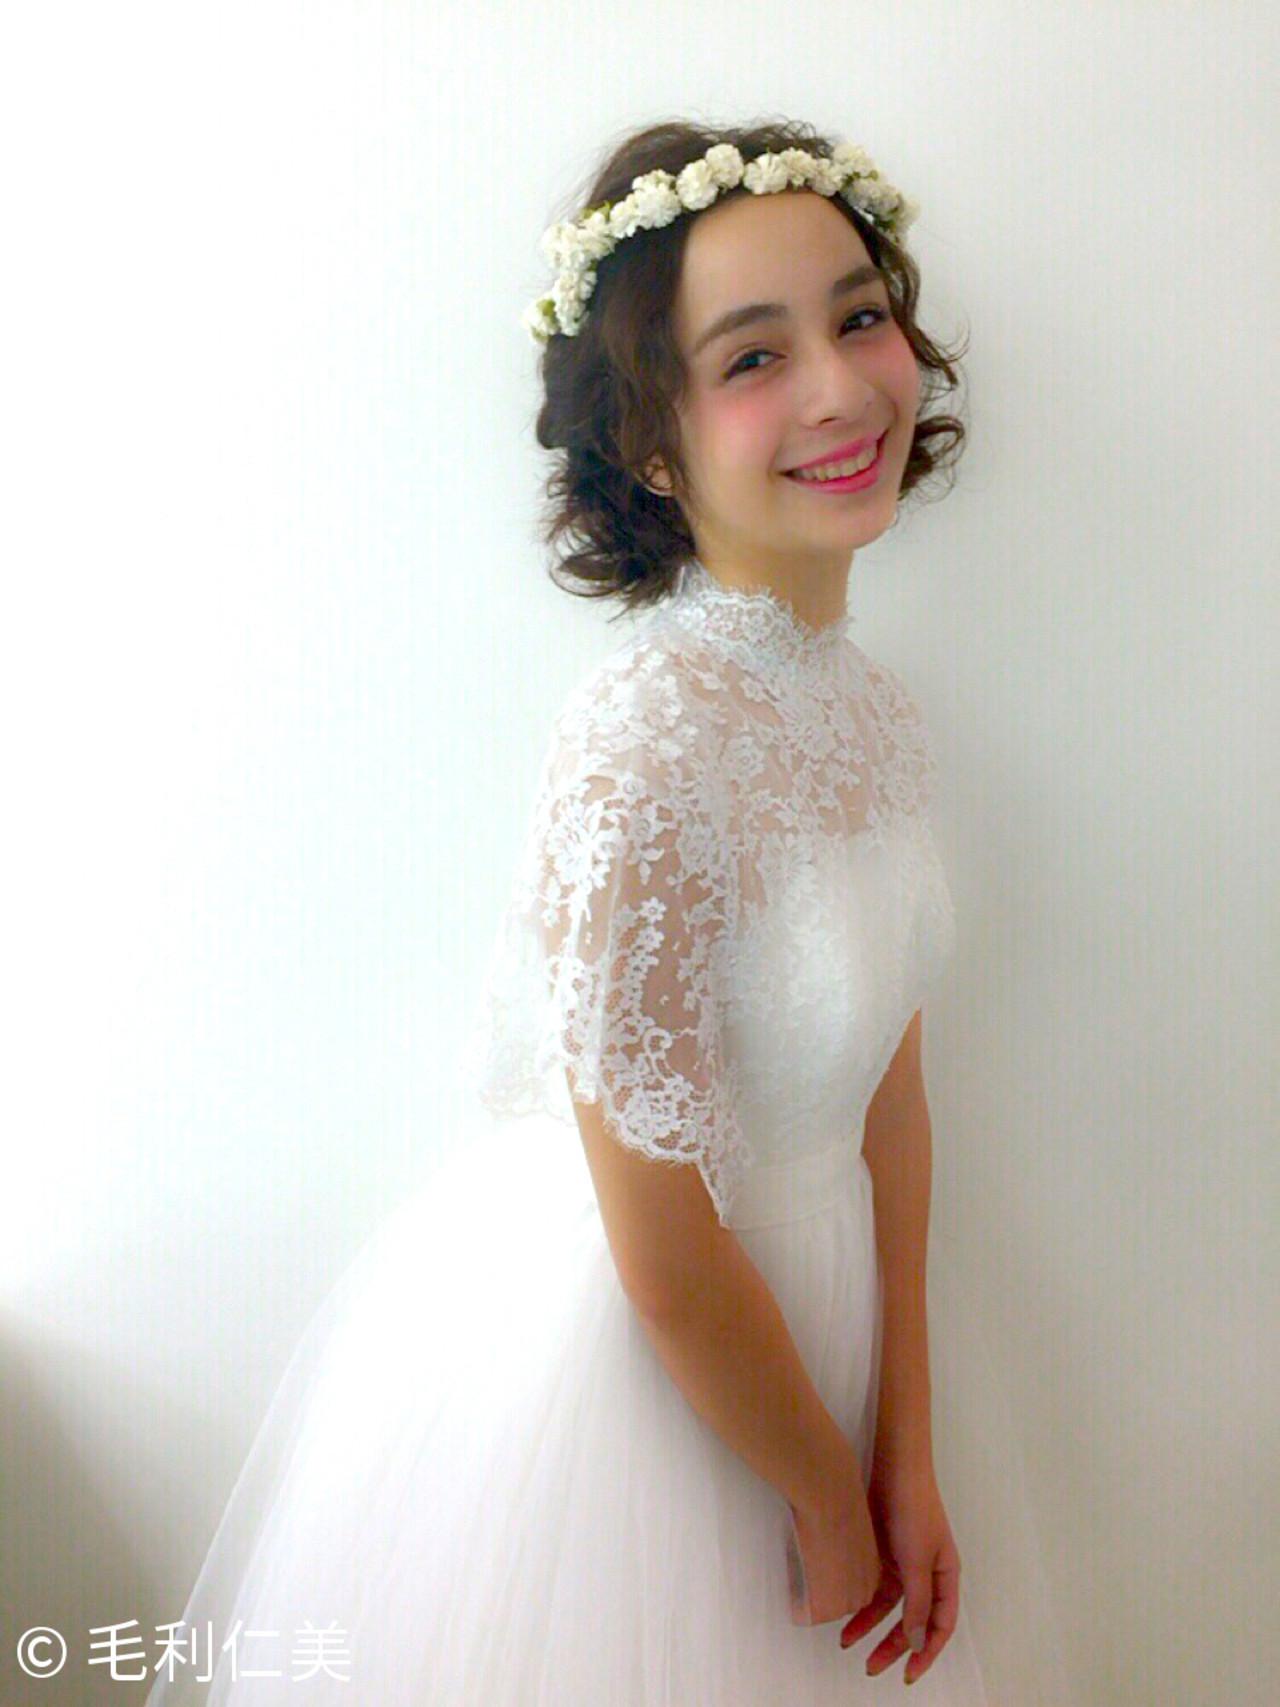 《花嫁アレンジ特集》結婚式の主役はあなた♡ステキな髪型を選ぼう!の18枚目の画像